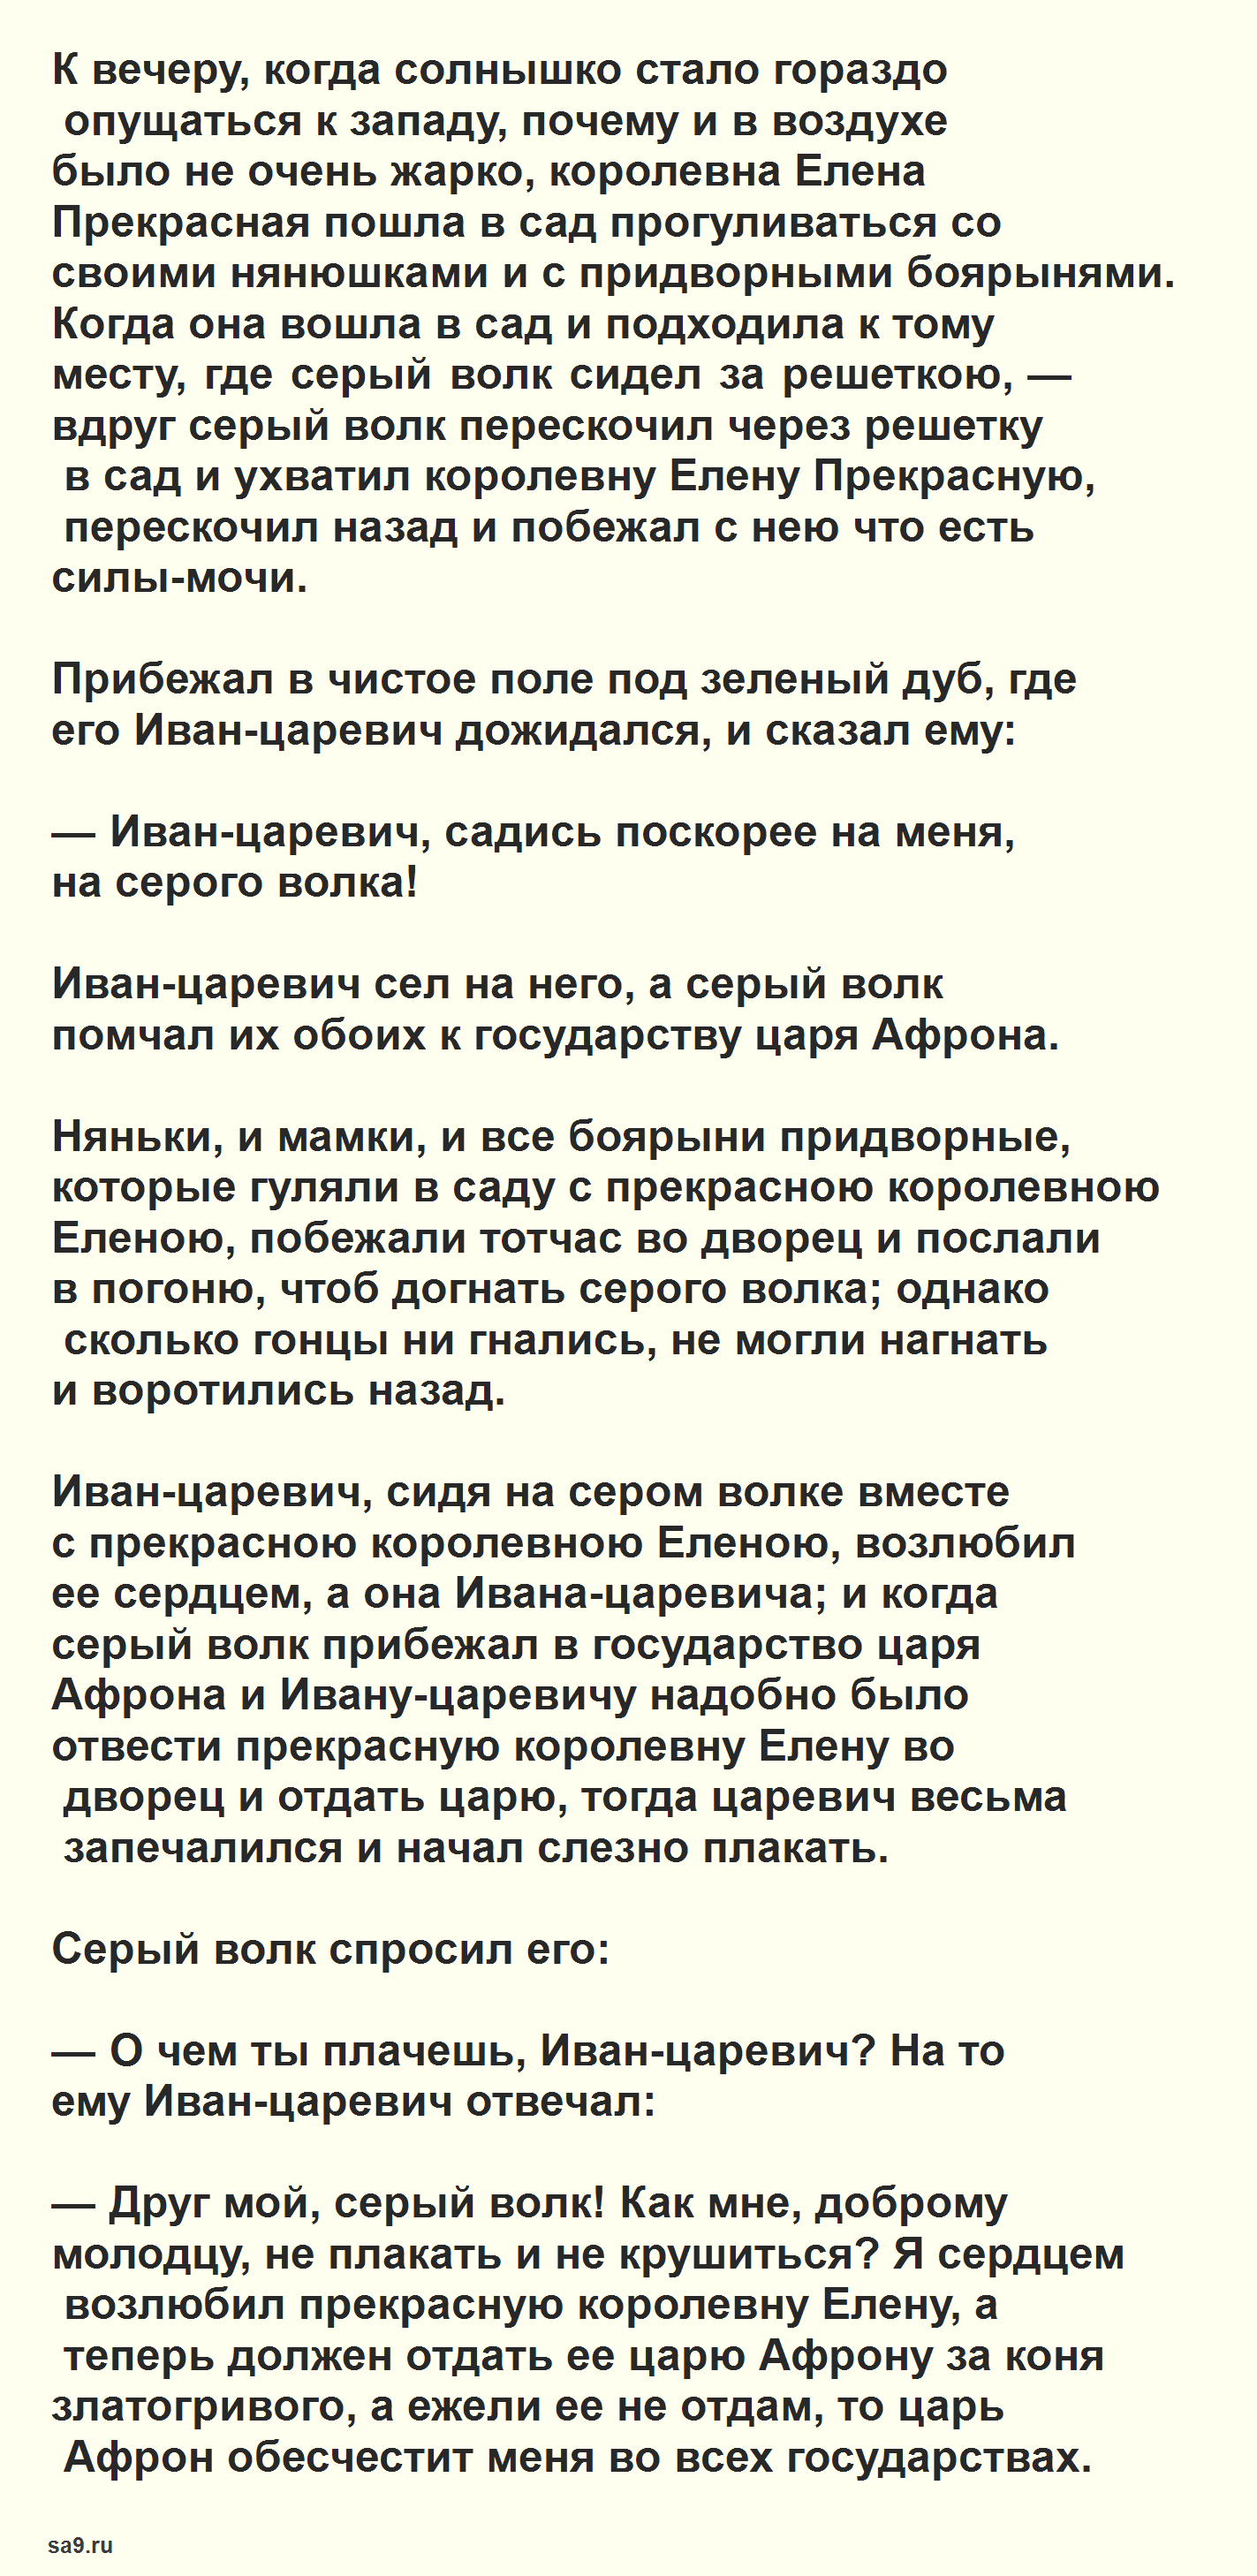 Русская народная сказка - Об Иване царевиче, жар птице и сером волке, читать онлайн бесплатно